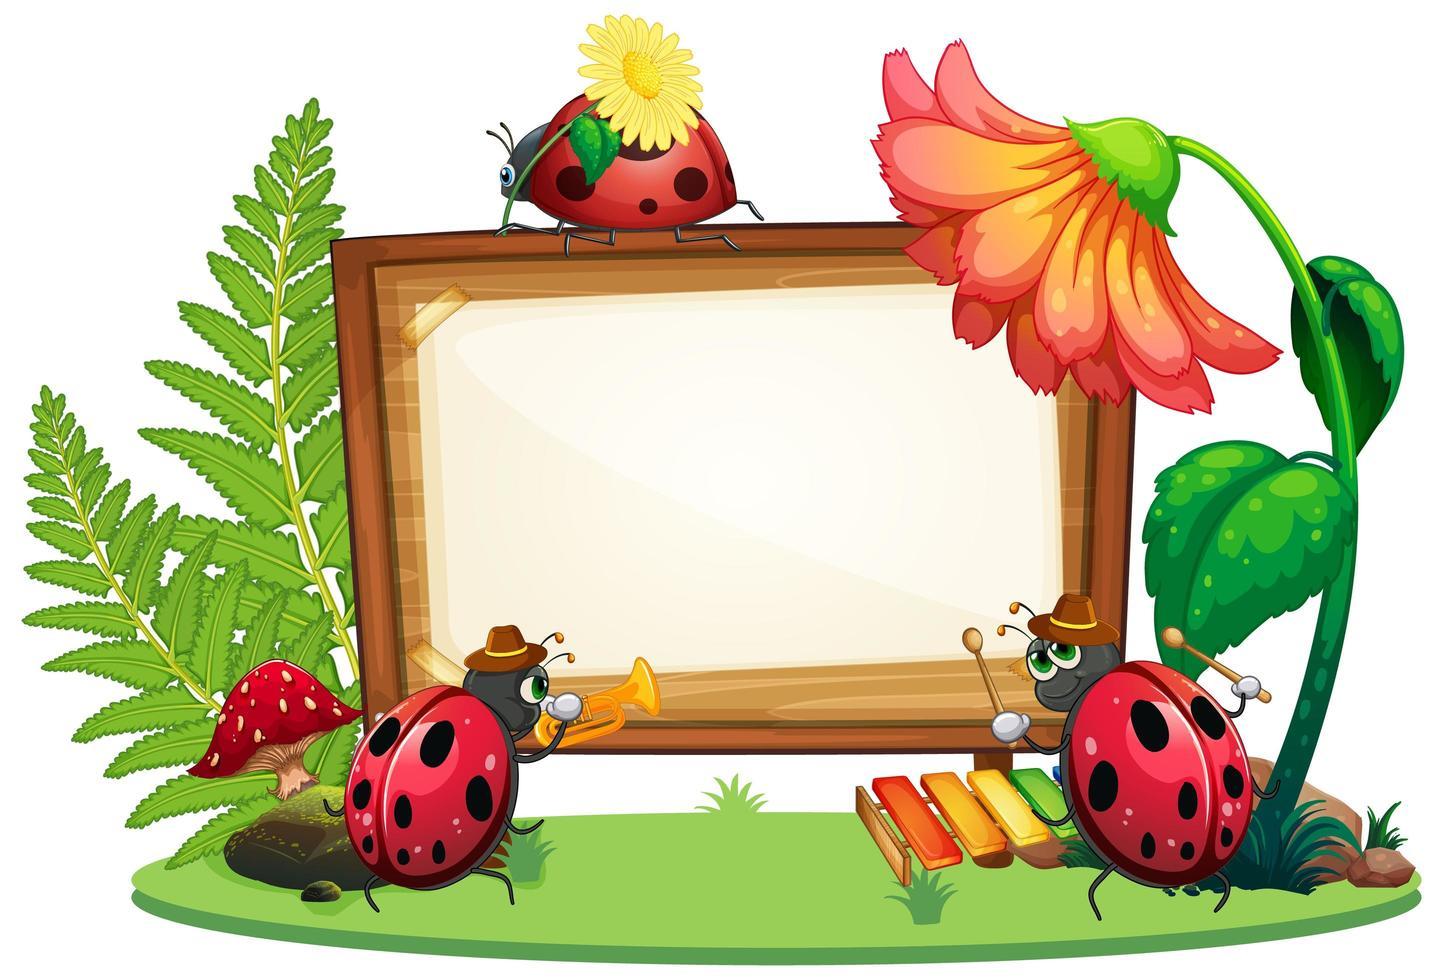 Diseño de plantilla de borde con insectos en el jardín. vector